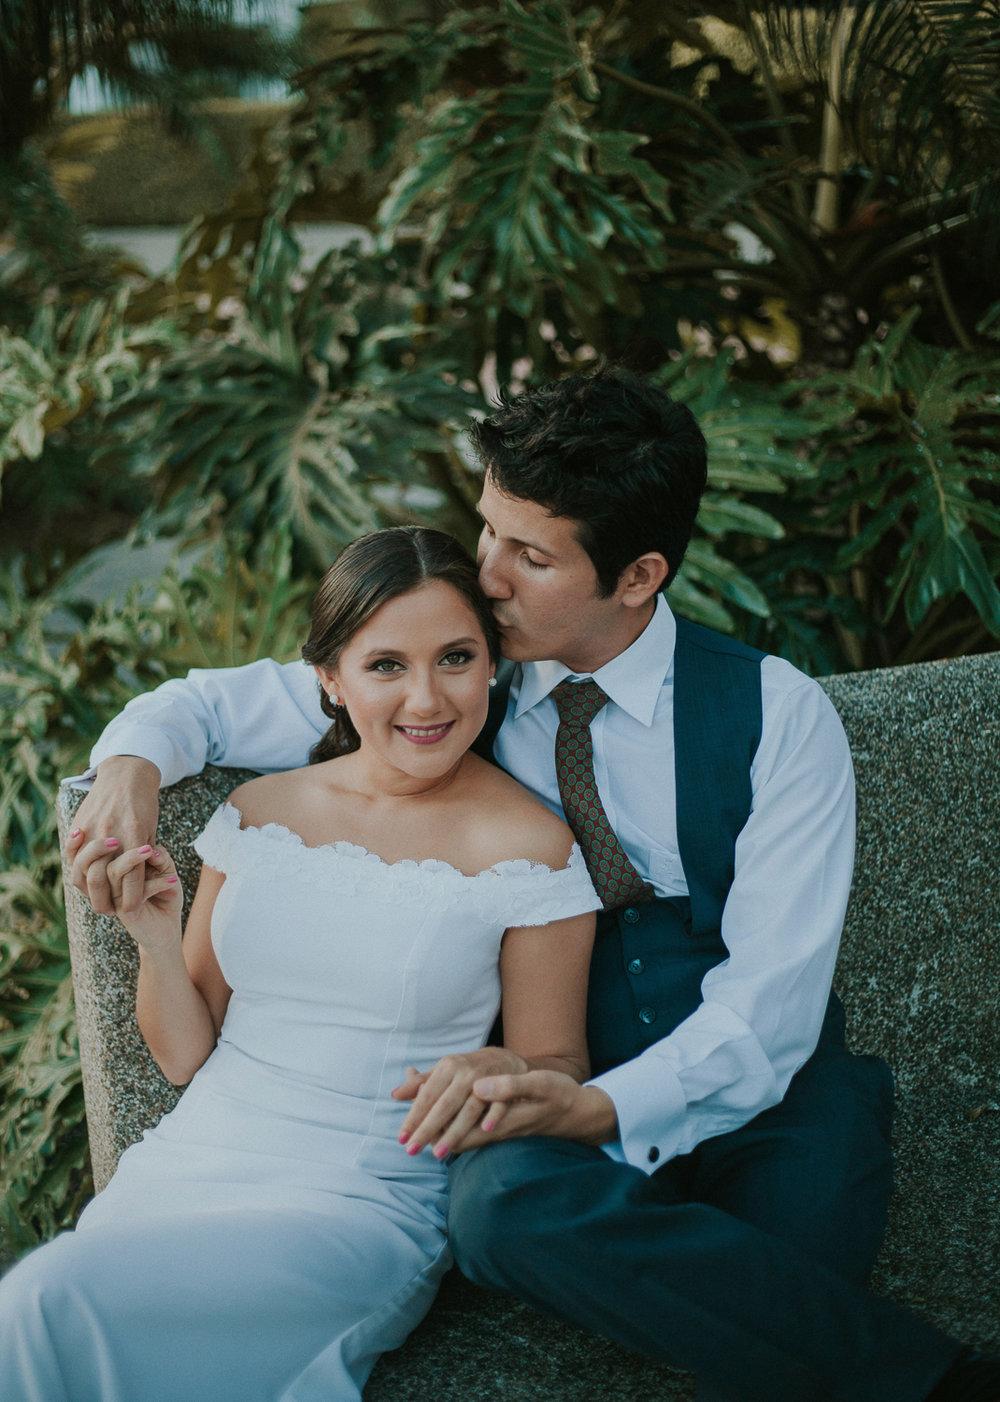 Michelle-Agurto-Fotografia-Bodas-Ecuador-Destination-Wedding-Photographer-Adriana-Allan-8.JPG